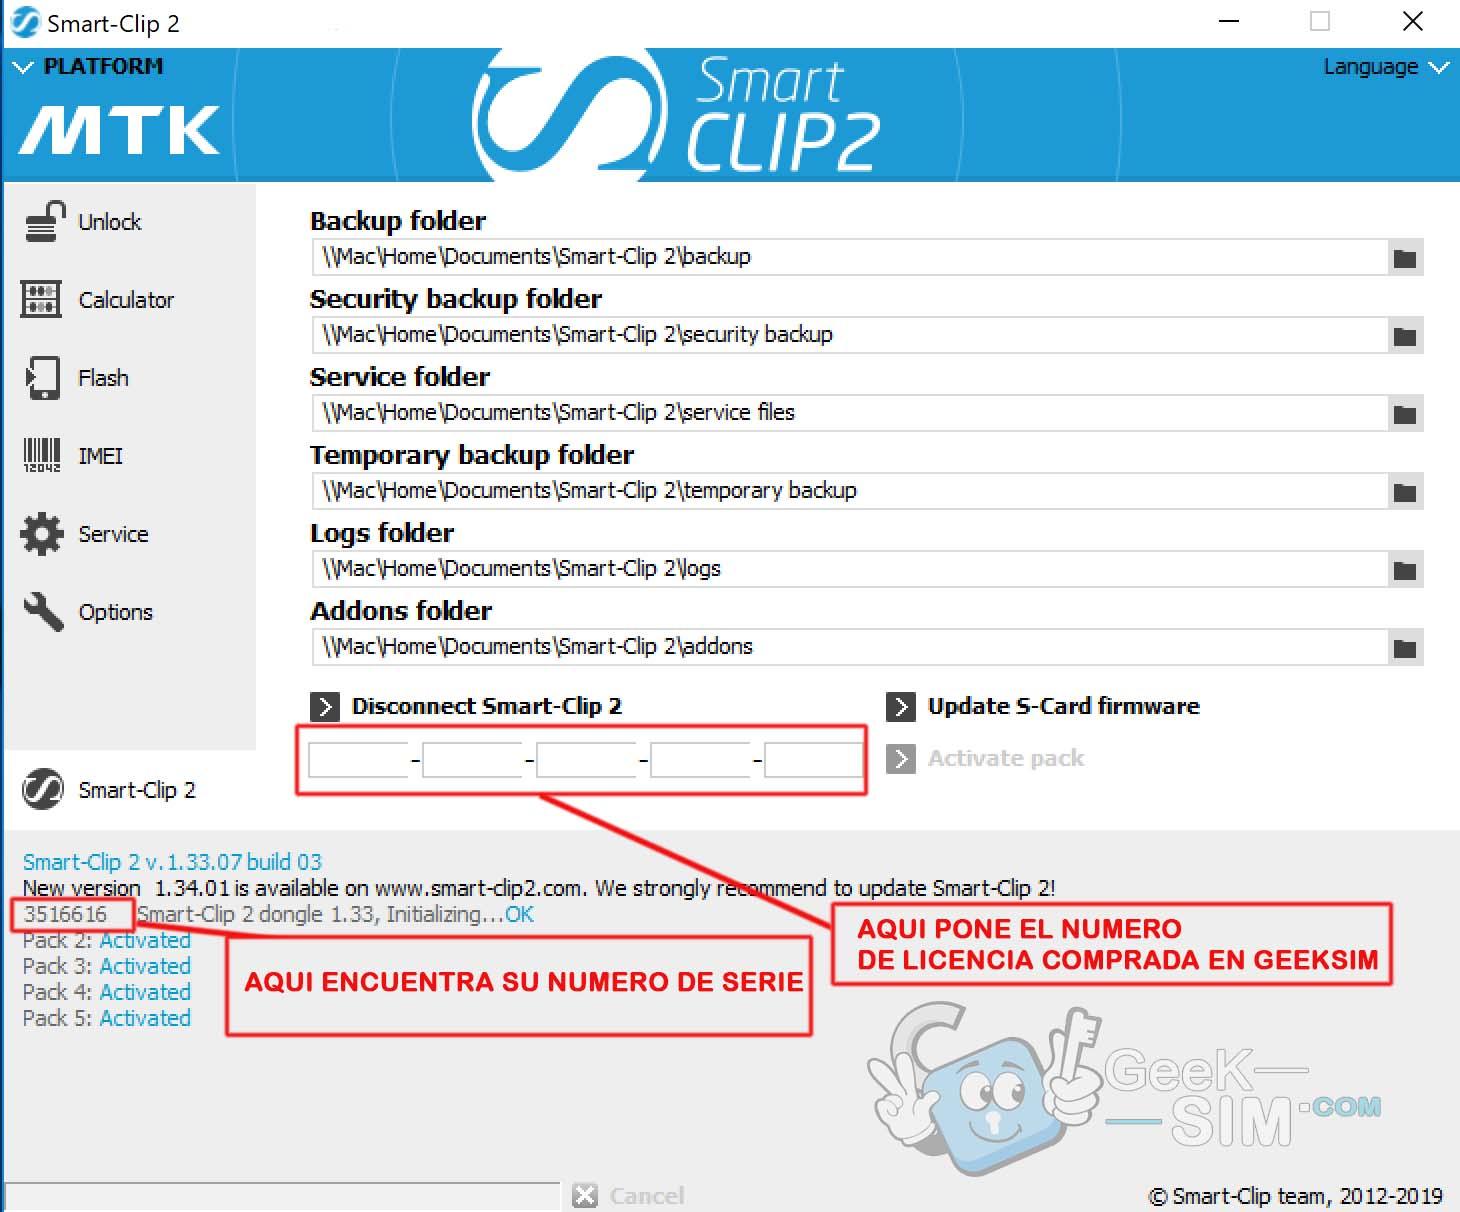 Activacion-Licencia-Smart-Clip-2